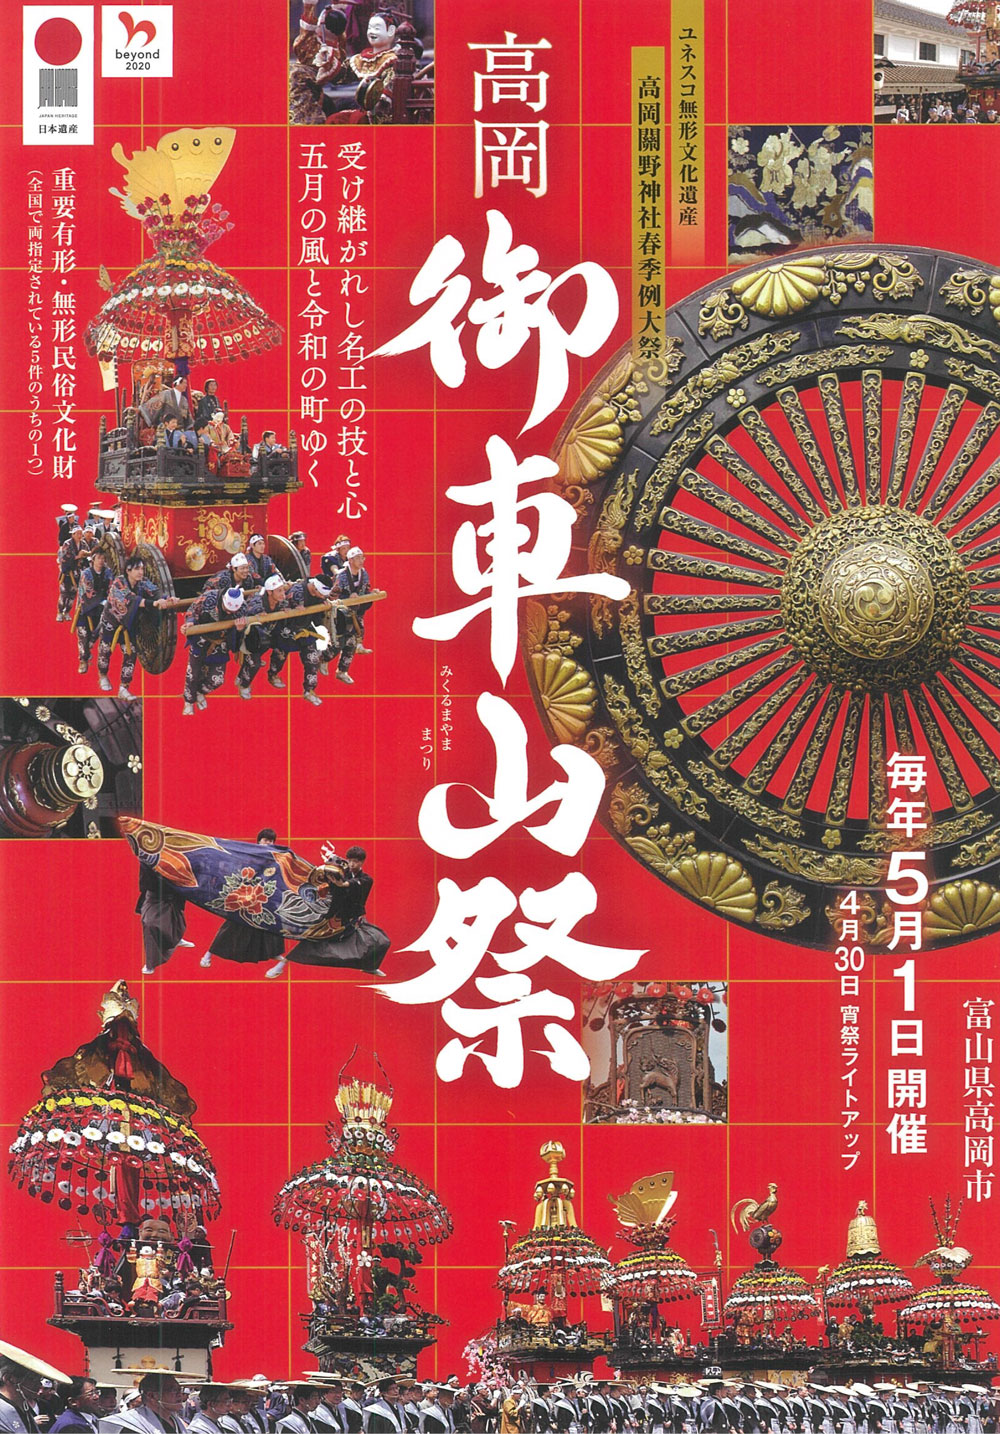 高岡御車山祭りのパンフレット1